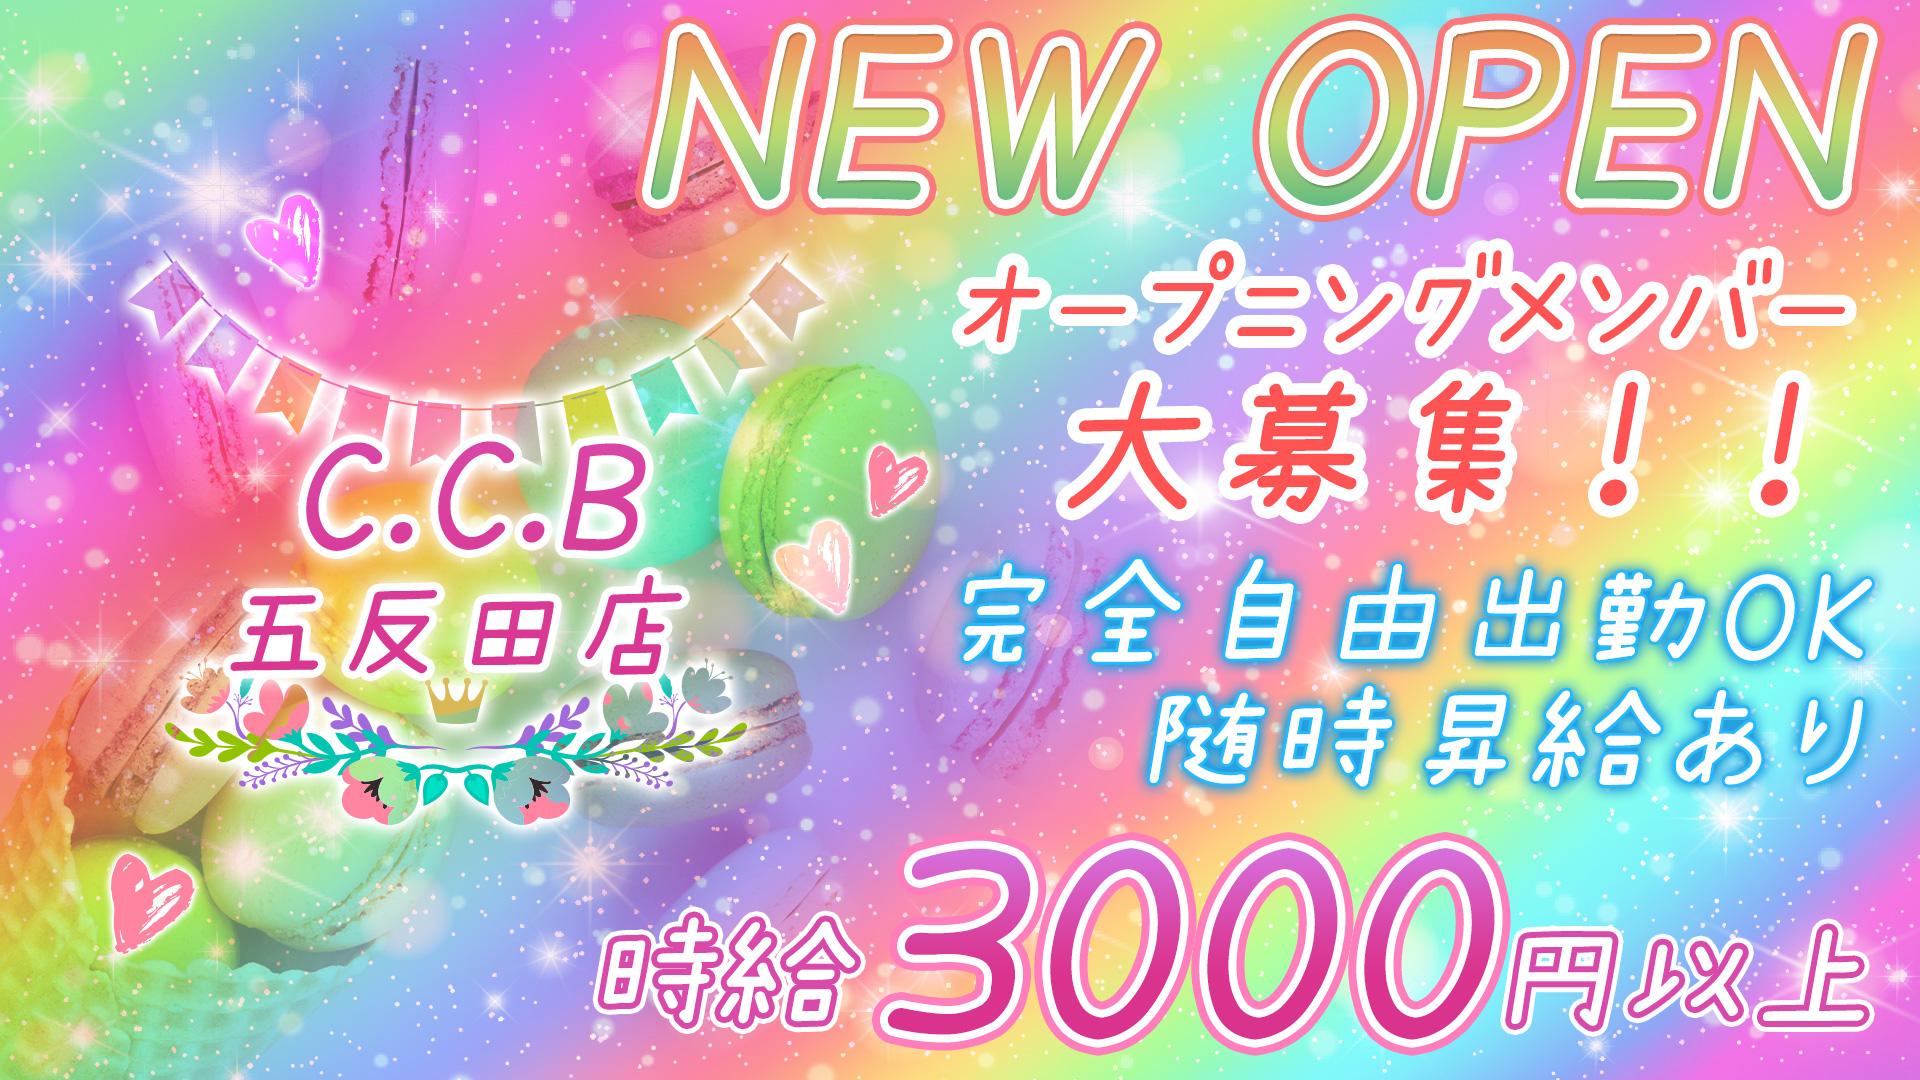 C.C.B<コミュニケーションバー>五反田店 五反田 ガールズバー TOP画像